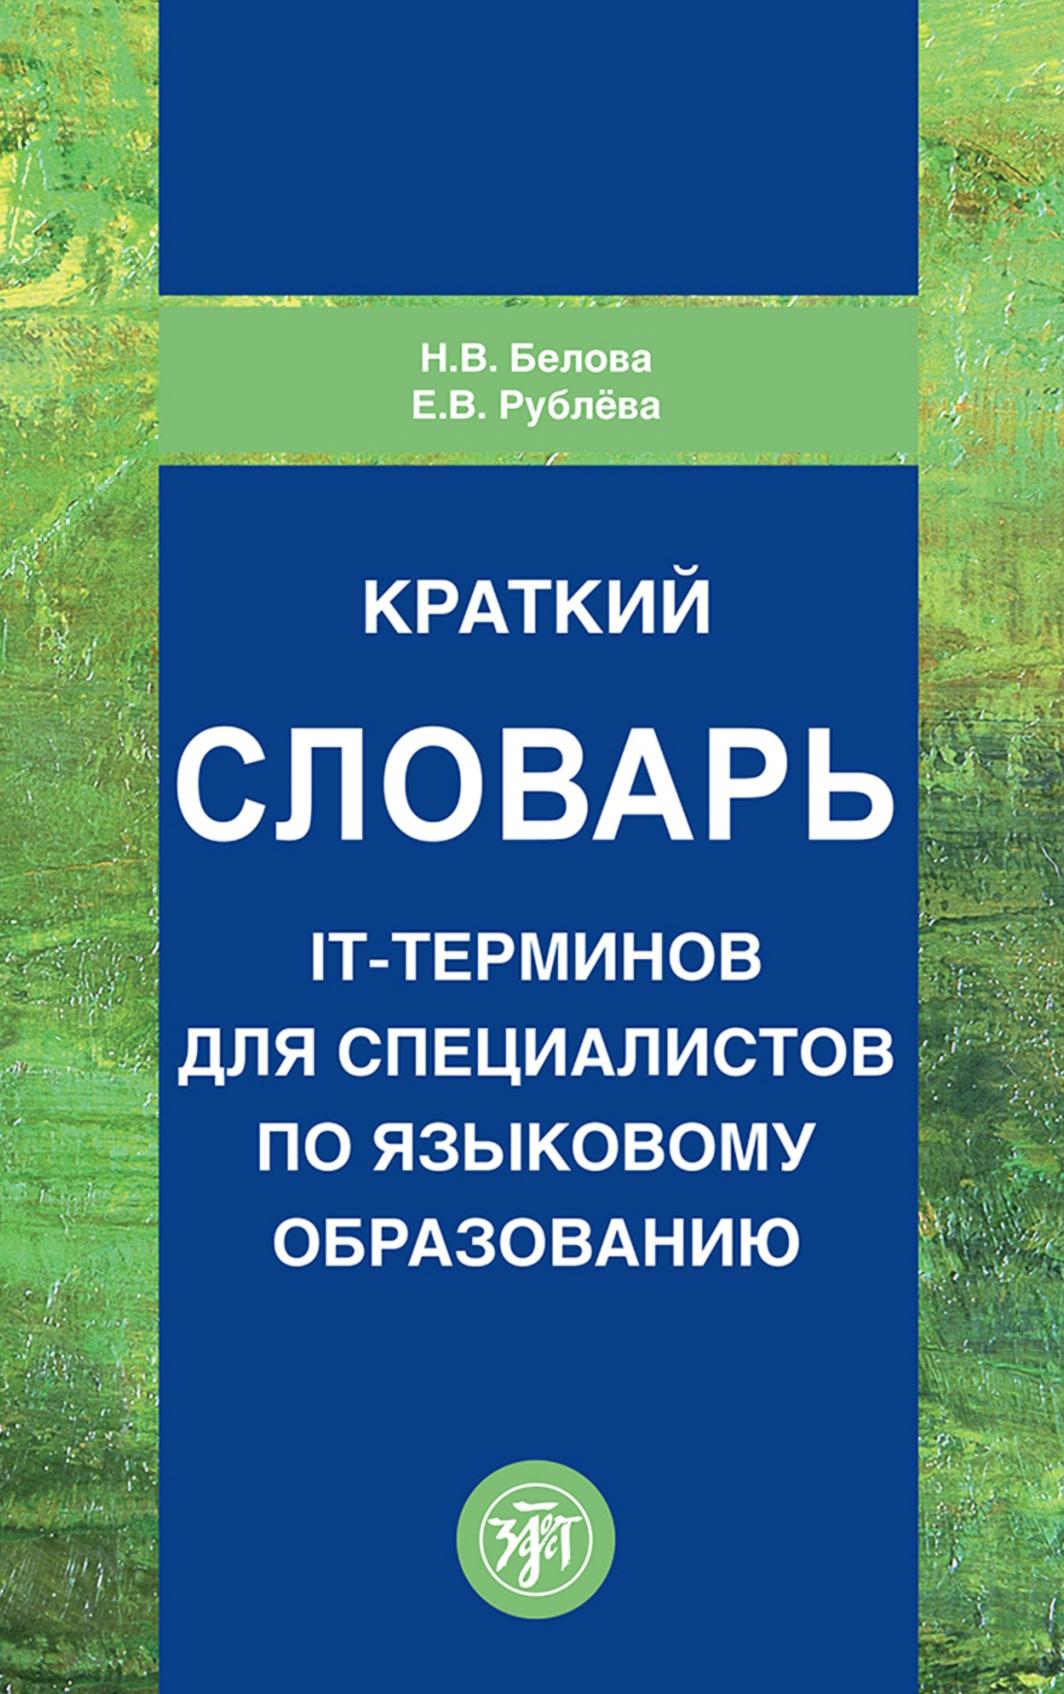 цены Н. В. Белова Краткий словарь IT-терминов для специалистов по языковому образованию